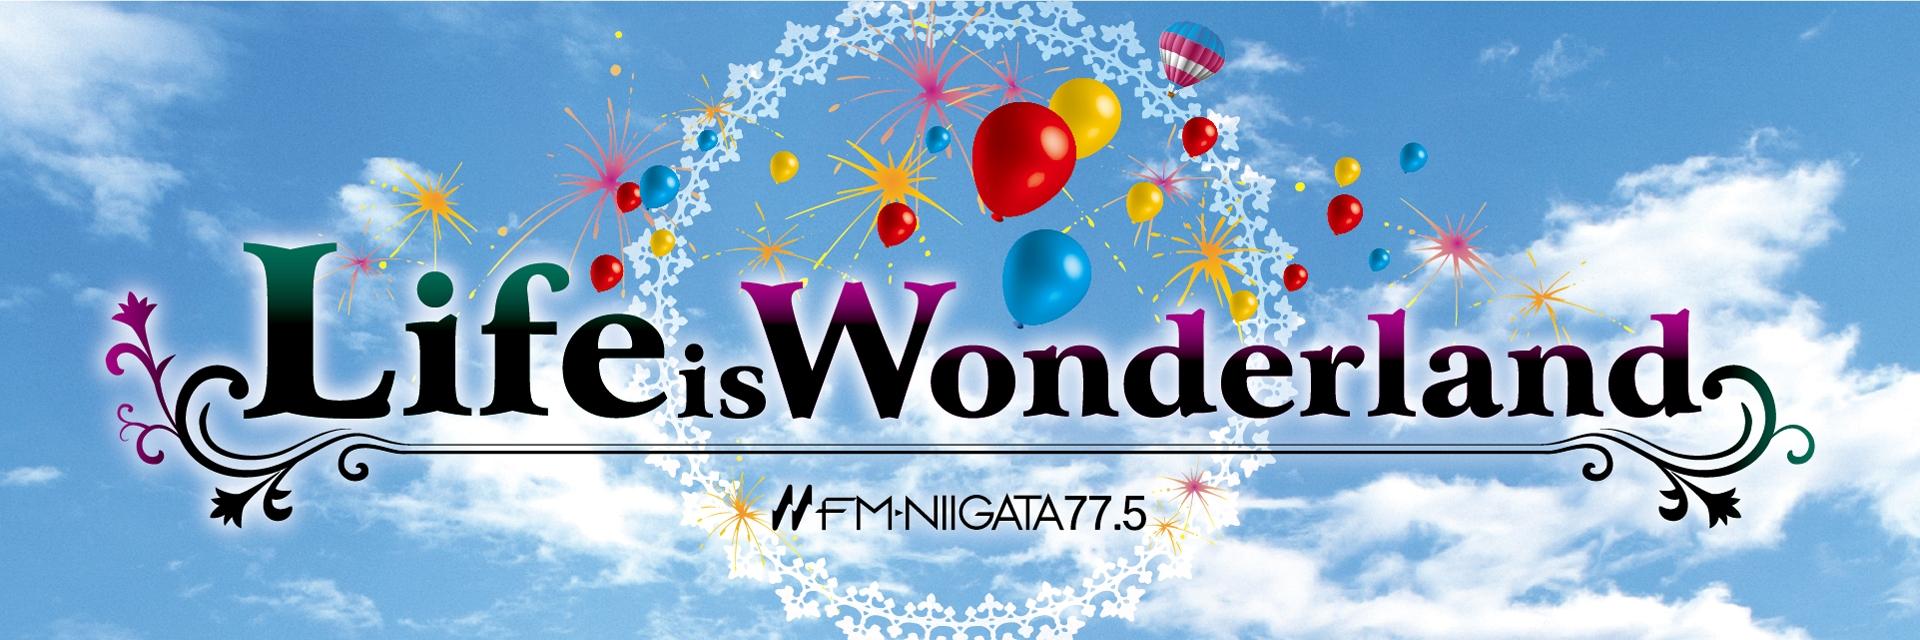 FM-NIIGATA 77.5MHz Life is Wonderland